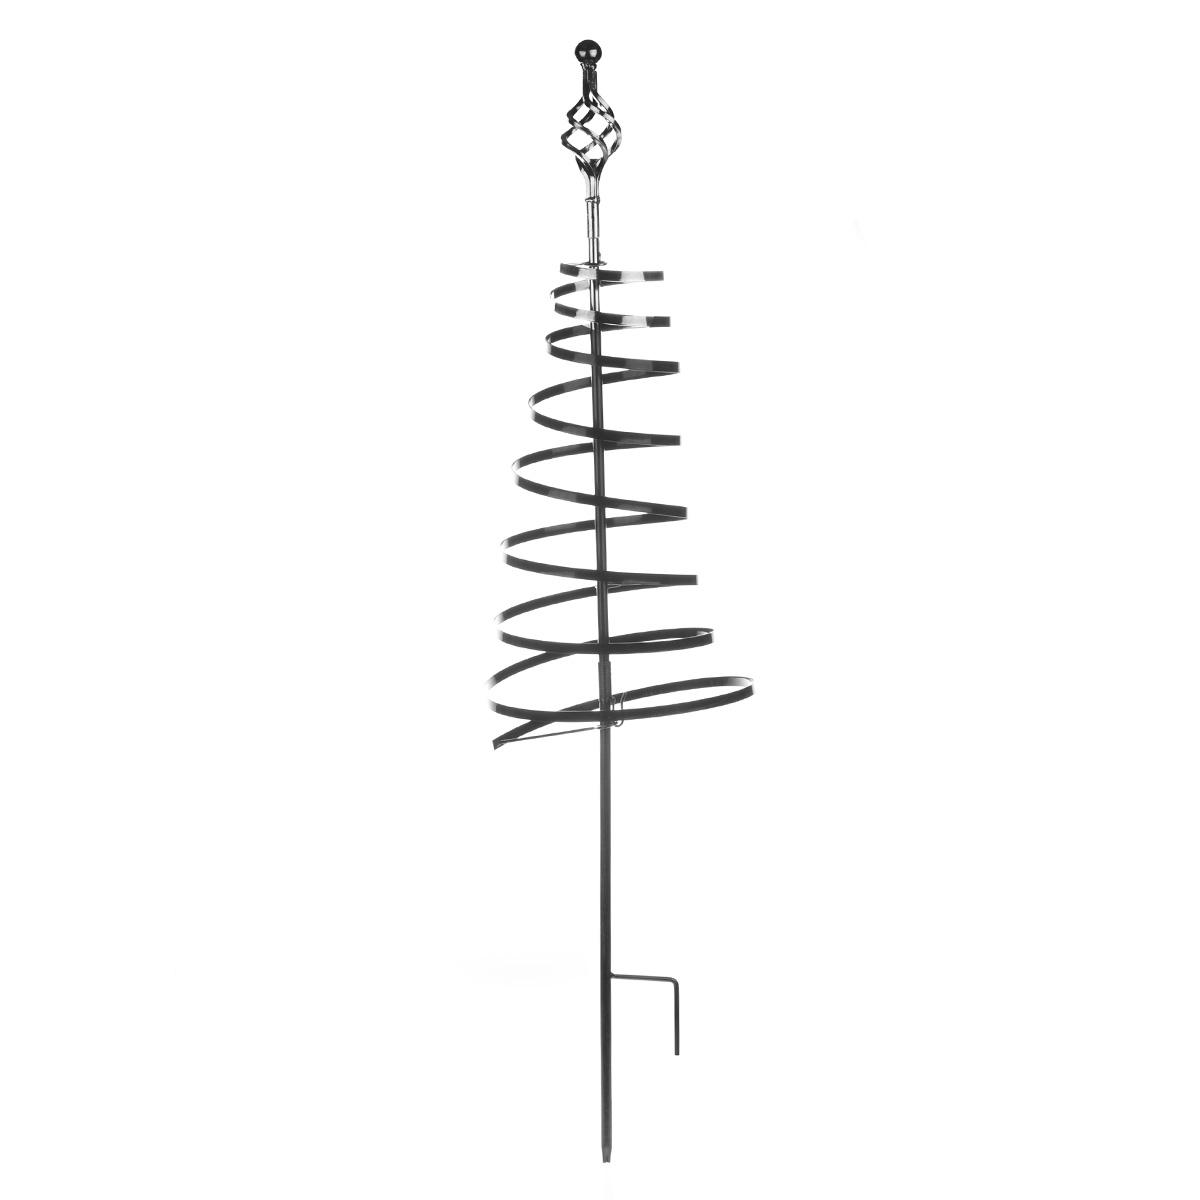 Спиральная поддержка Green Apple GTSQNN, 50 смGTSQNNОпора-спираль используется для поддержки как садовых, так и комнатных растений. Благодаря своей спиралевидной форме опора обеспечивает поддержку без подвязывания растения.